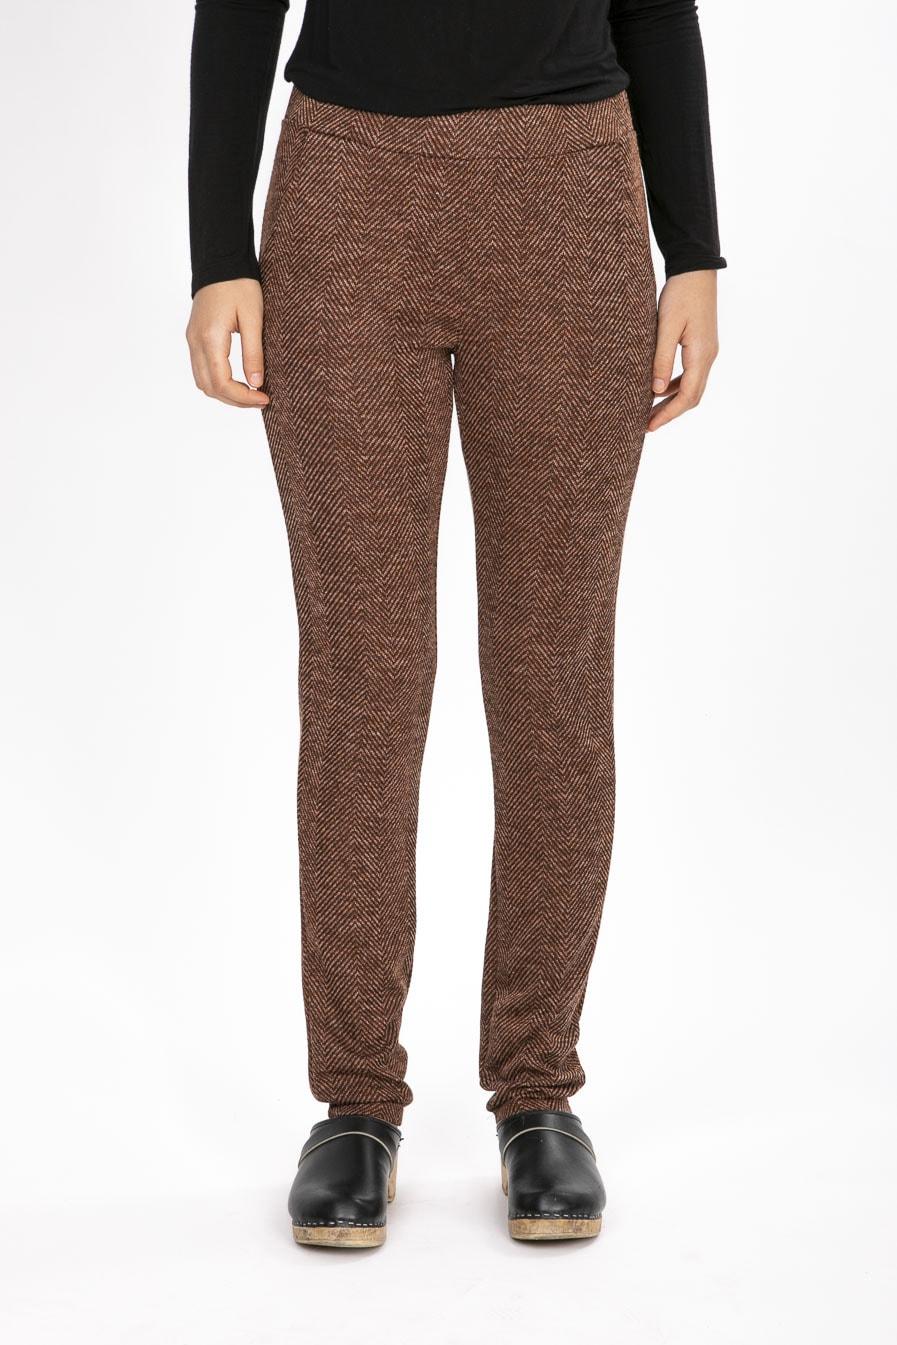 מכנסיים בגוון בריק- דגם עלית